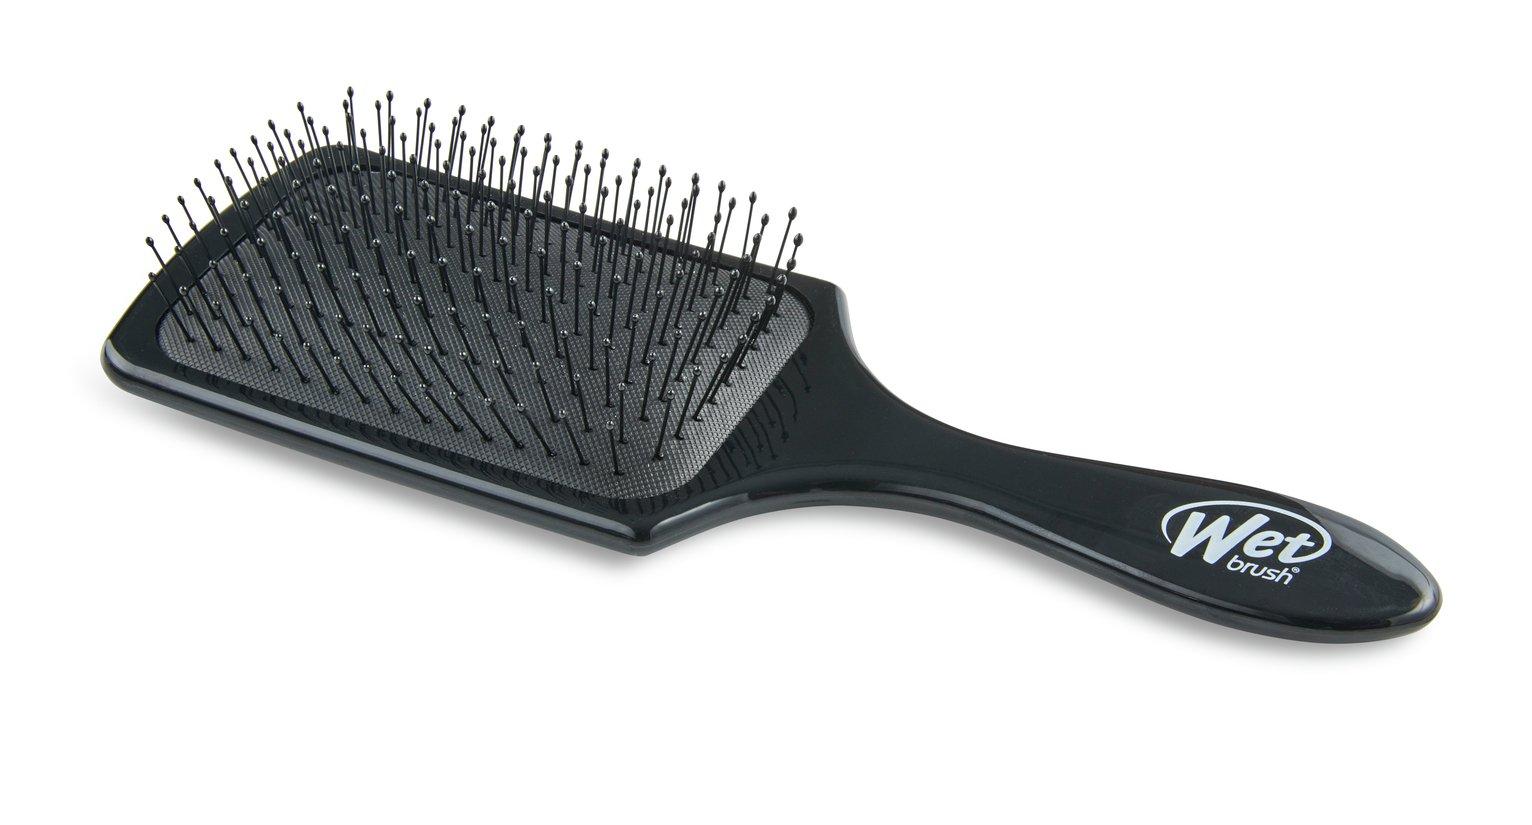 WetBrush Paddle Detangler - Black